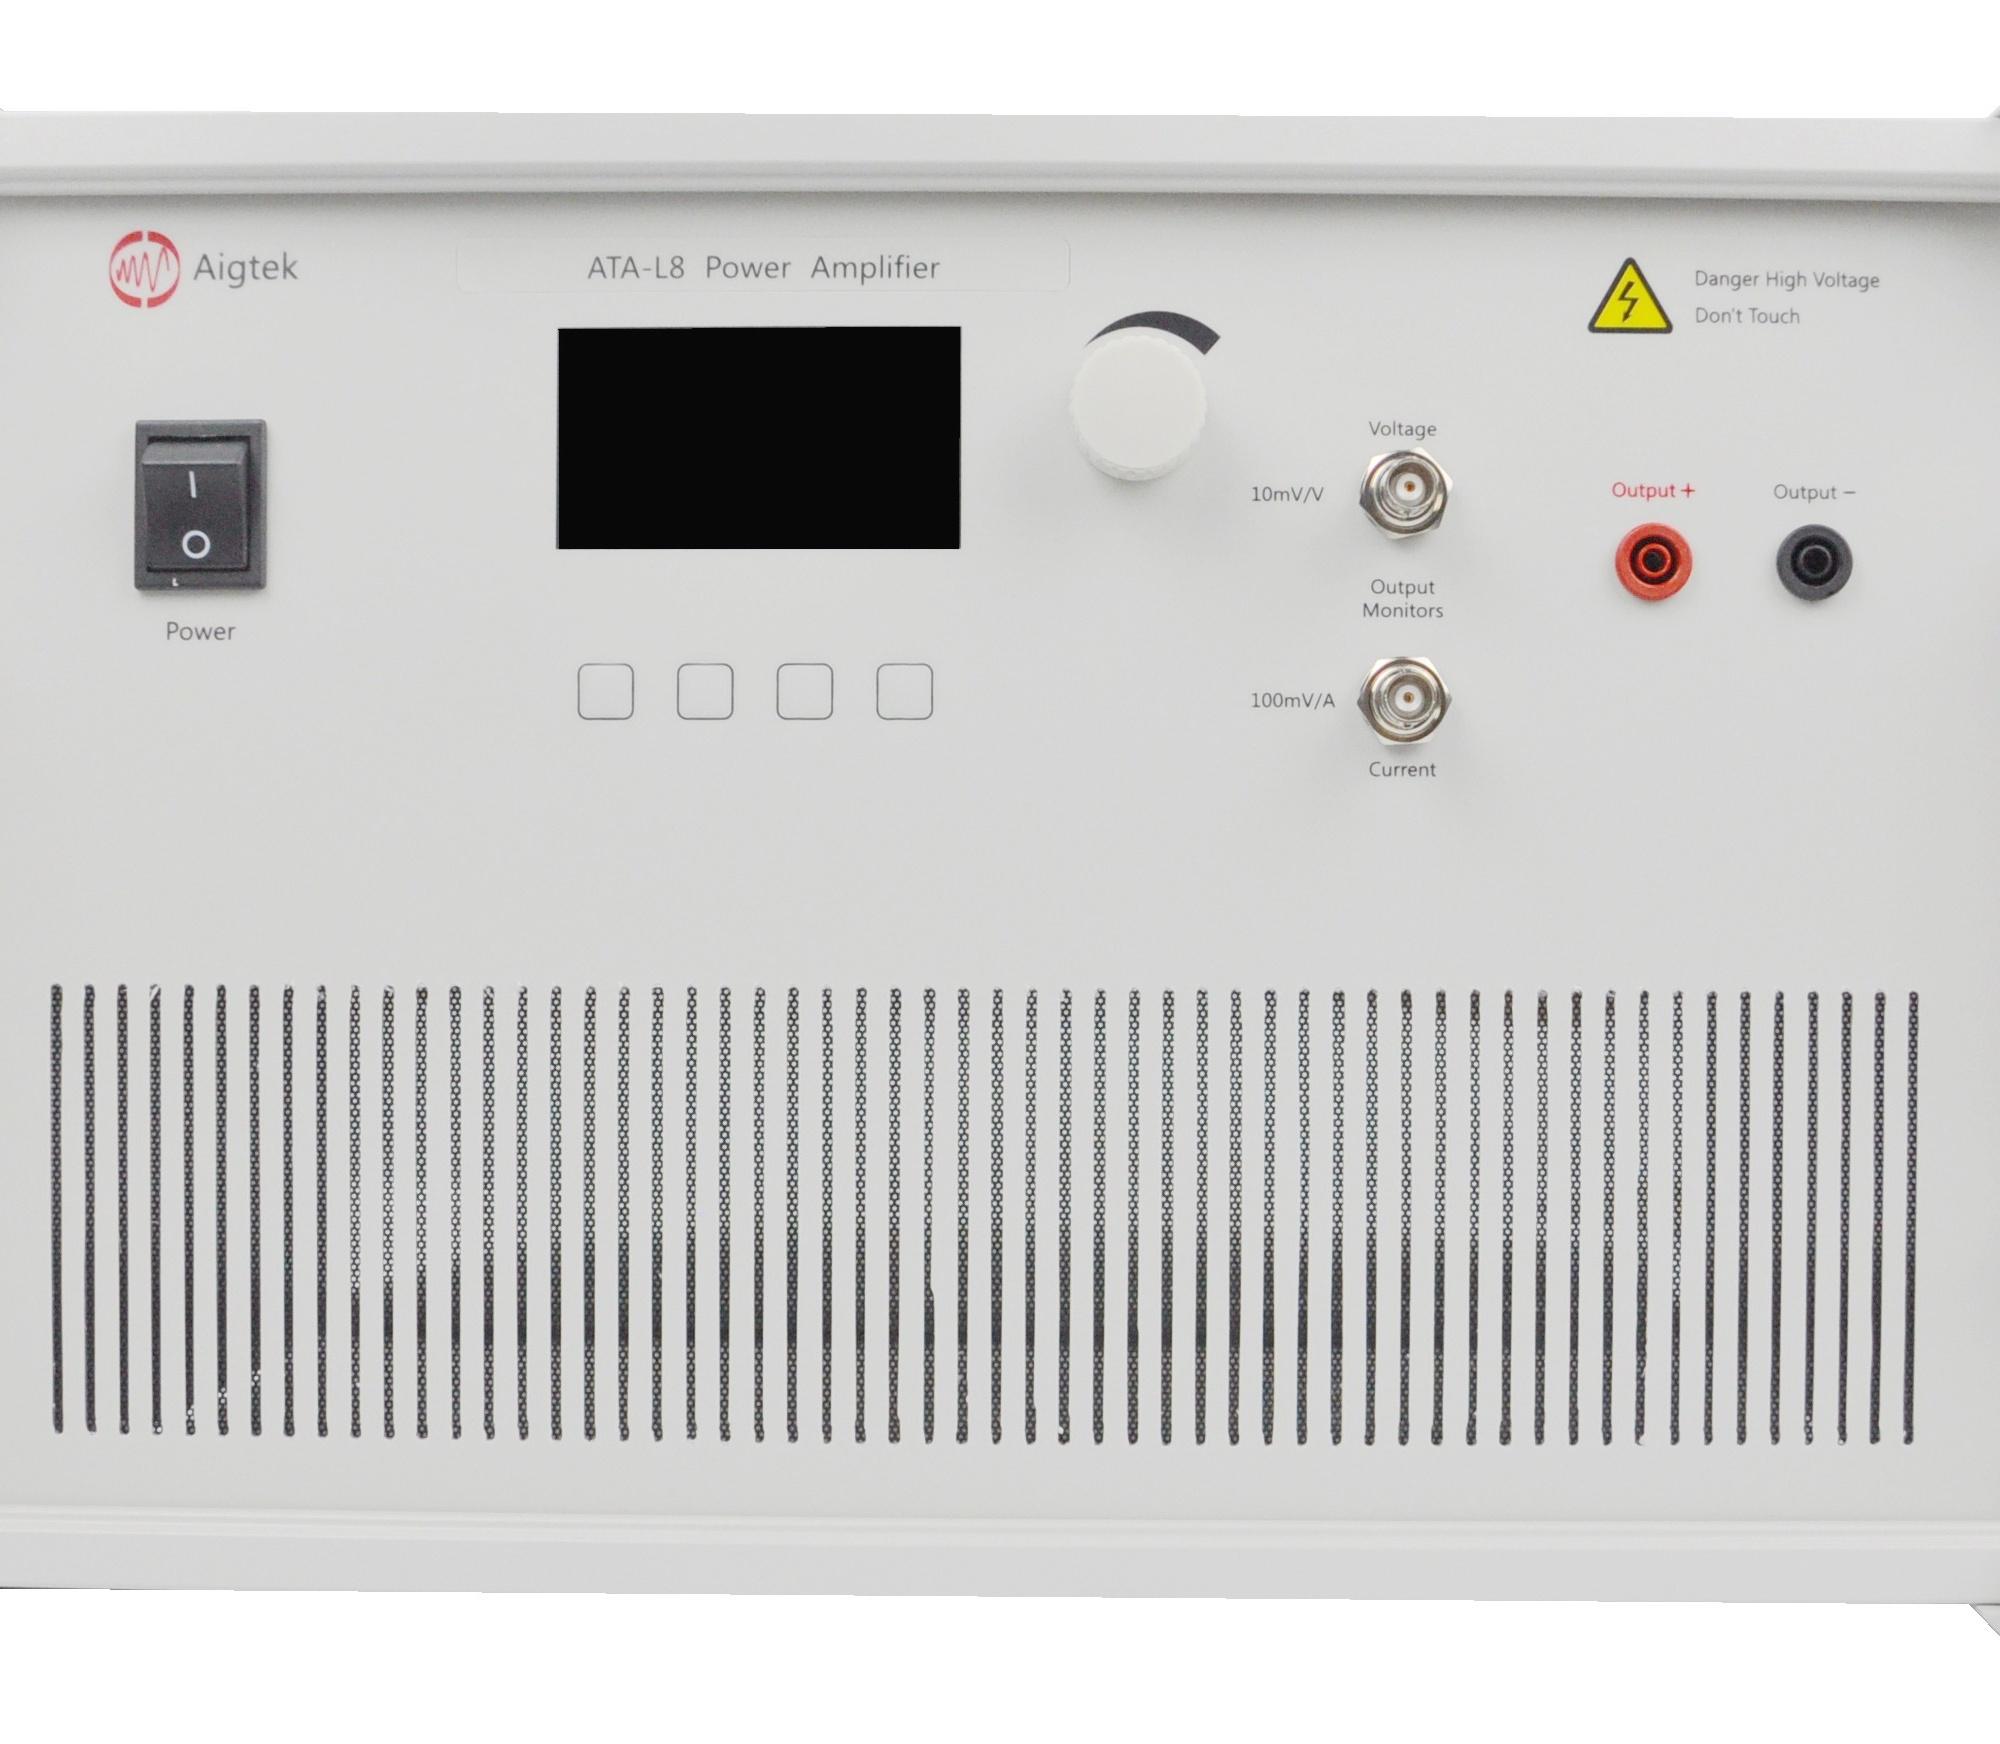 水声器耦合中低频功率放大器的作用是什么?